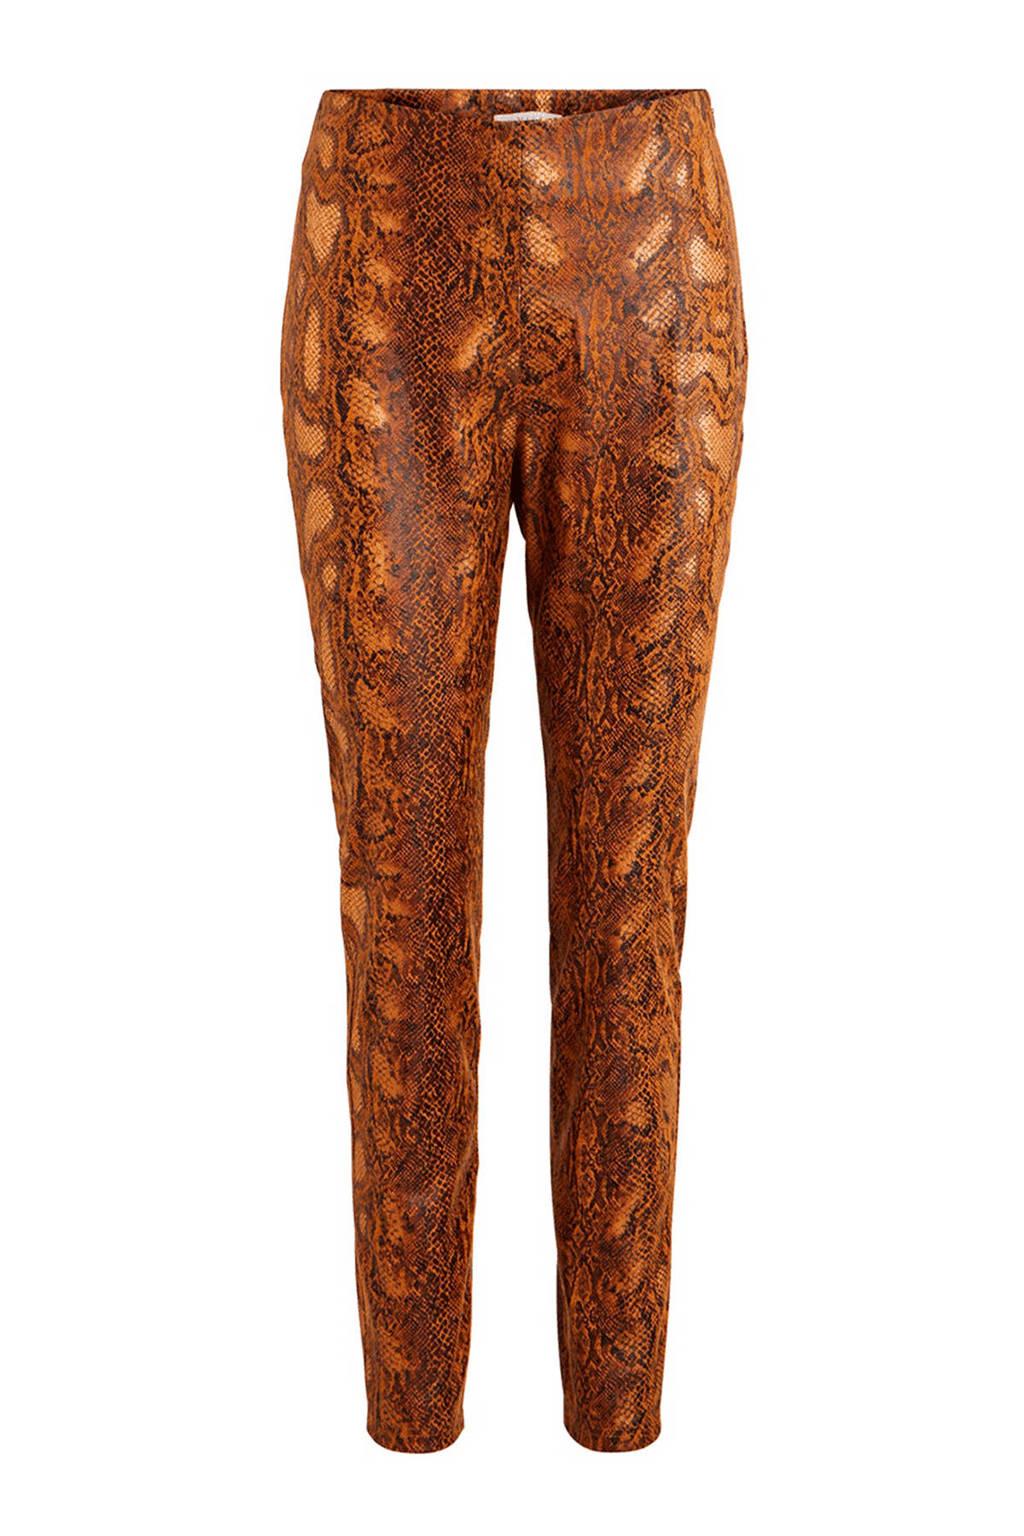 VILA legging met slangenprint bruin, Bruin